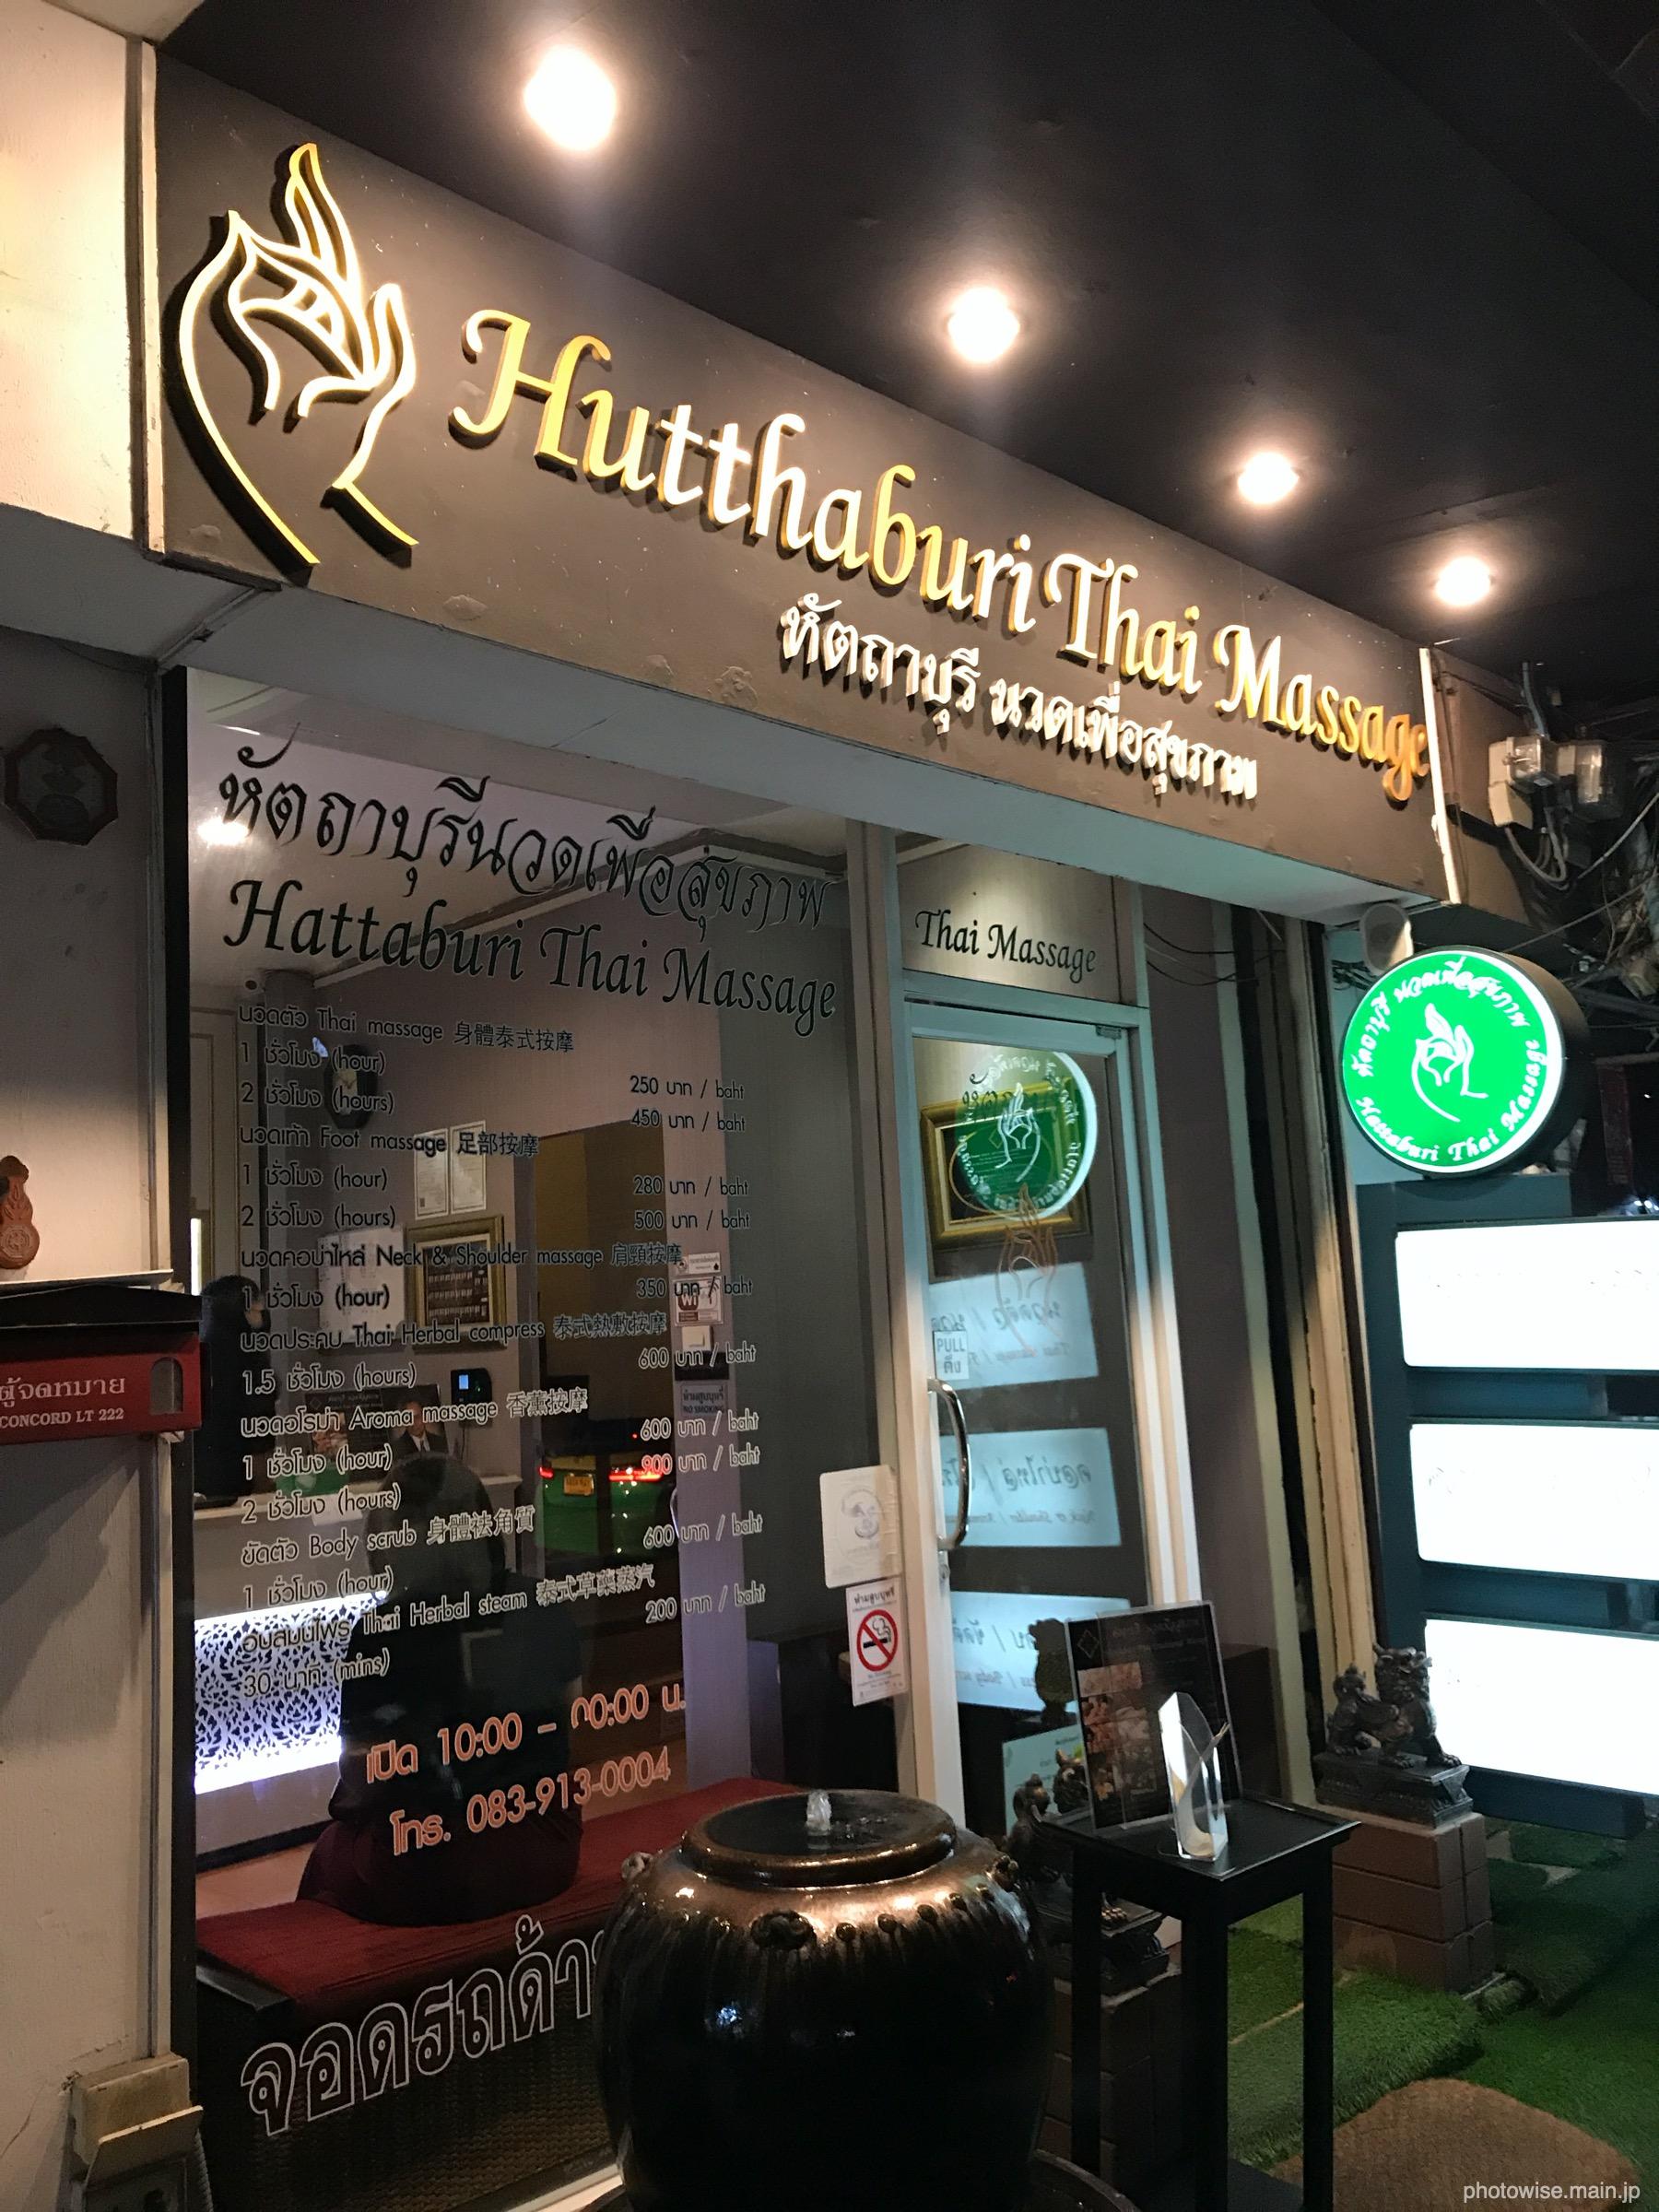 Hattaburi Thai Massage